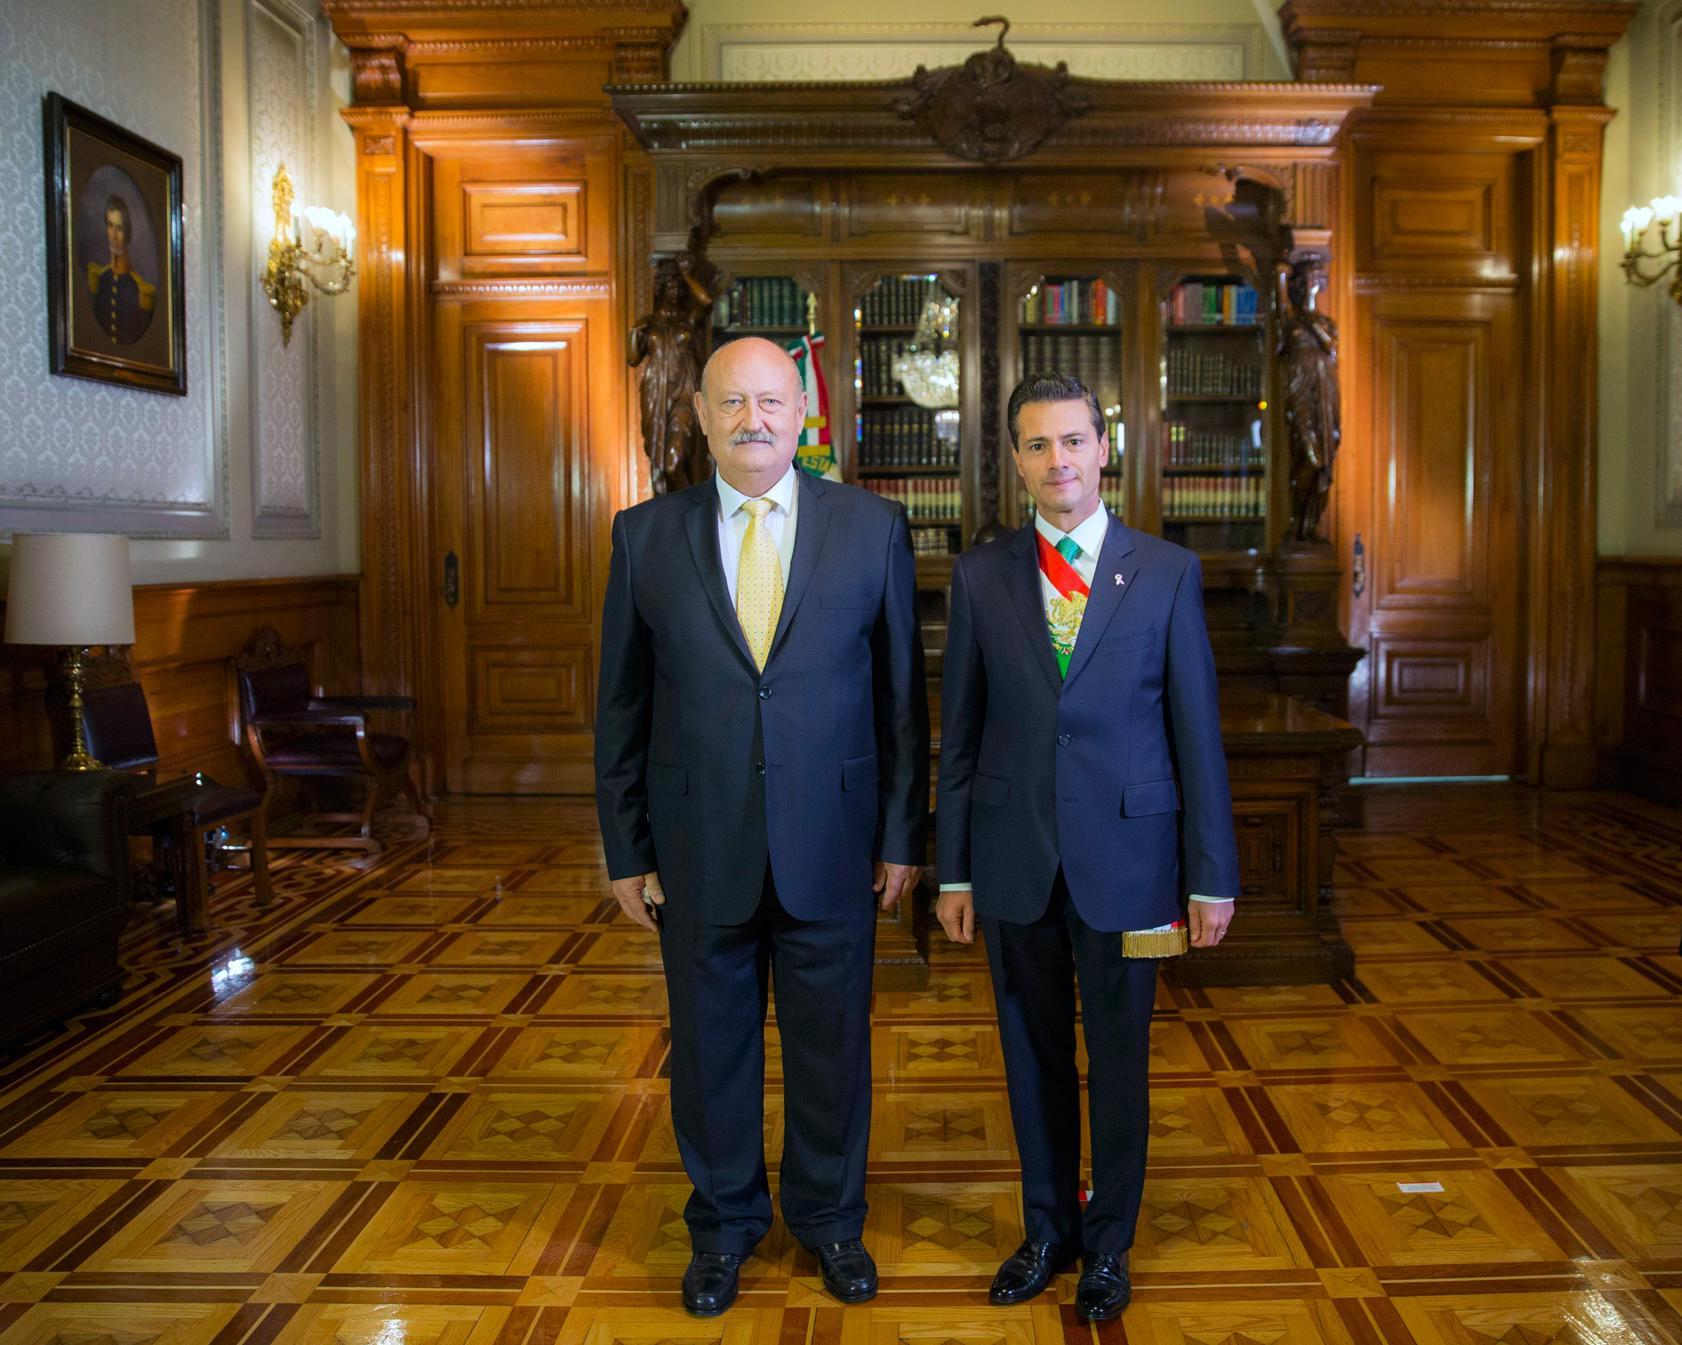 El Primer Mandatario con el señor Valentin Modev, Embajador de Bulgaria.